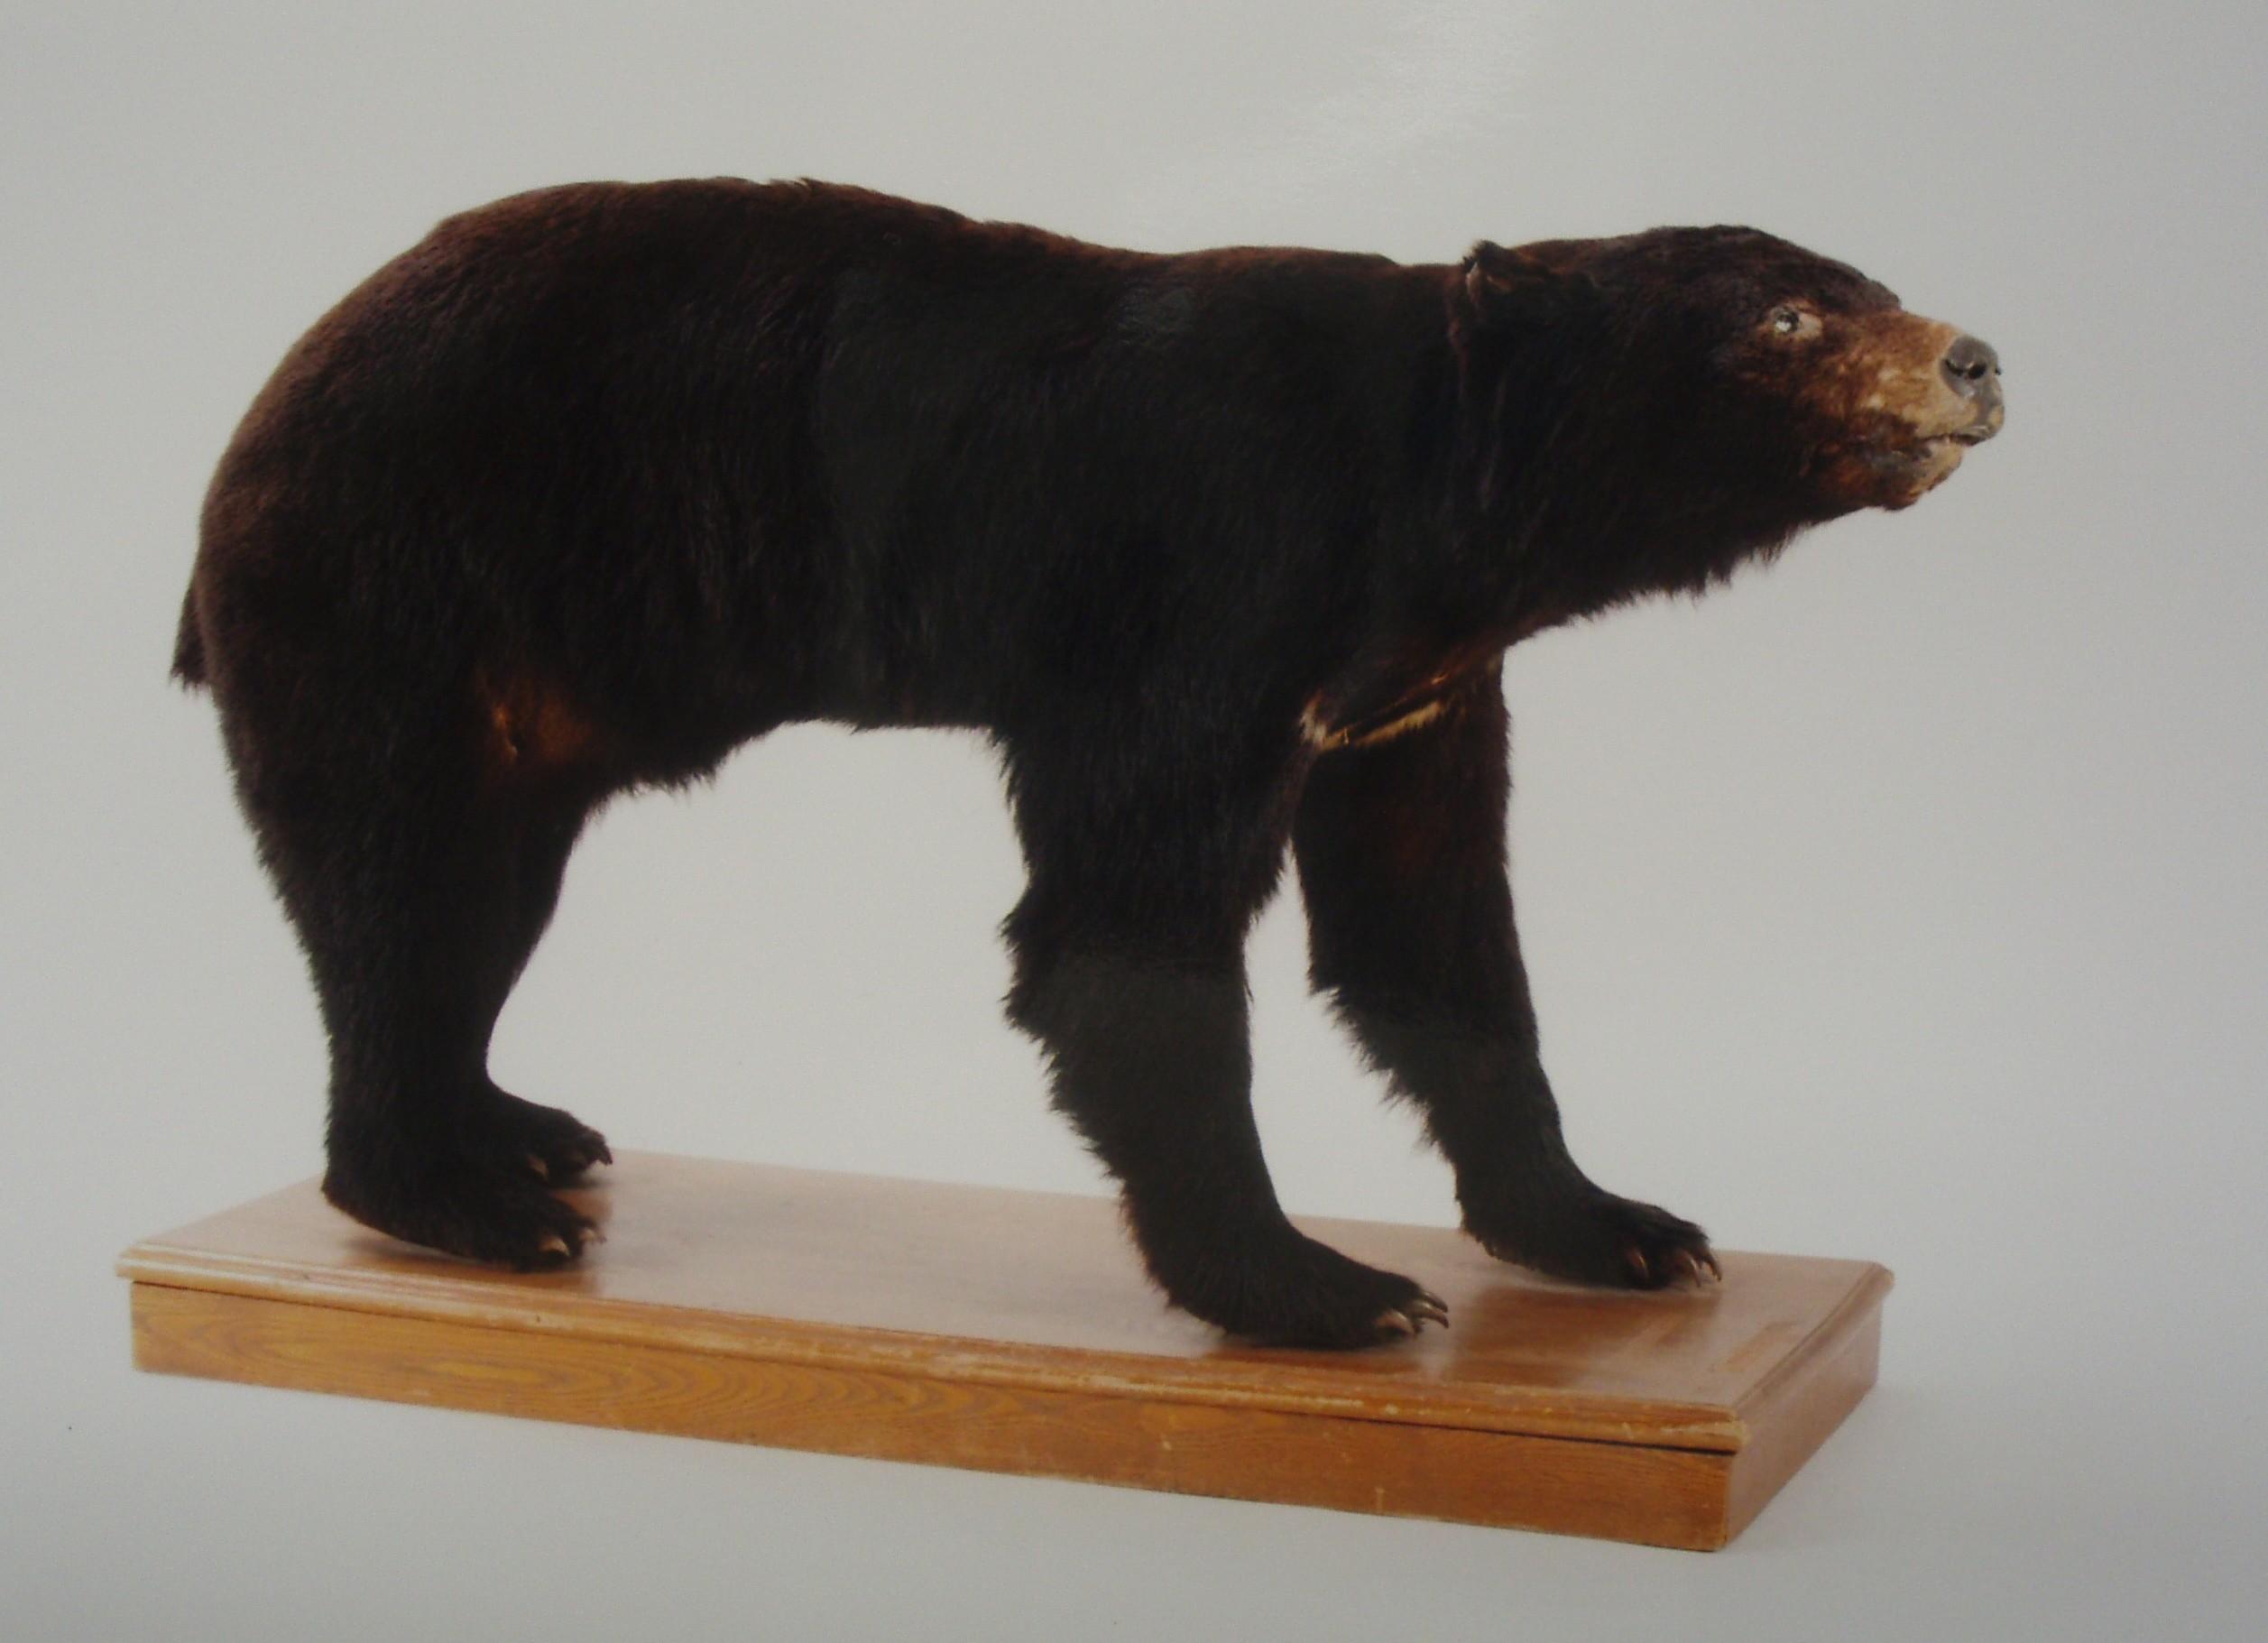 ツキノワグマの標本(県立博物館所蔵)